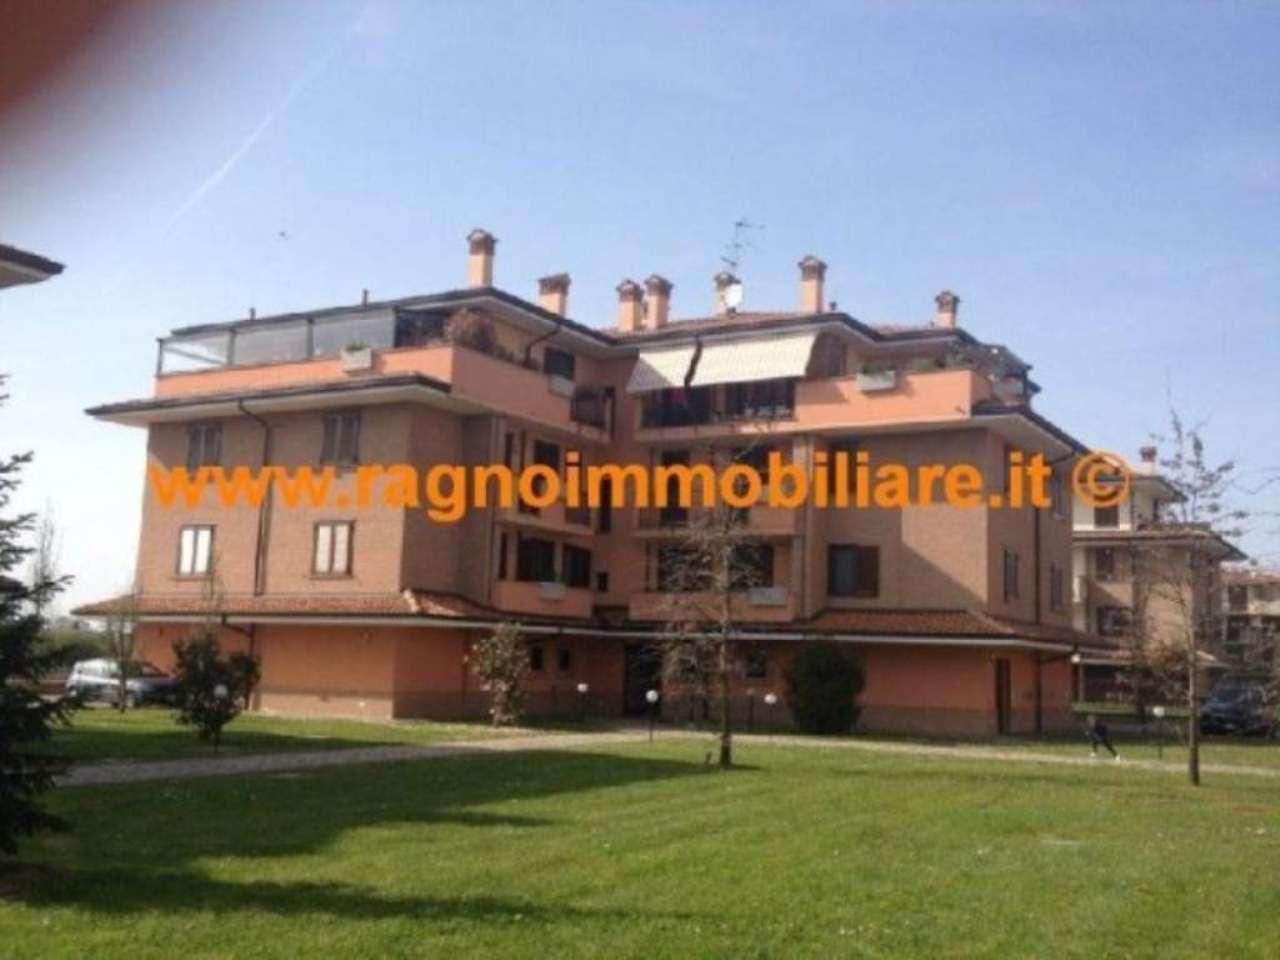 Attico / Mansarda in vendita a Casarile, 3 locali, prezzo € 260.000 | Cambio Casa.it